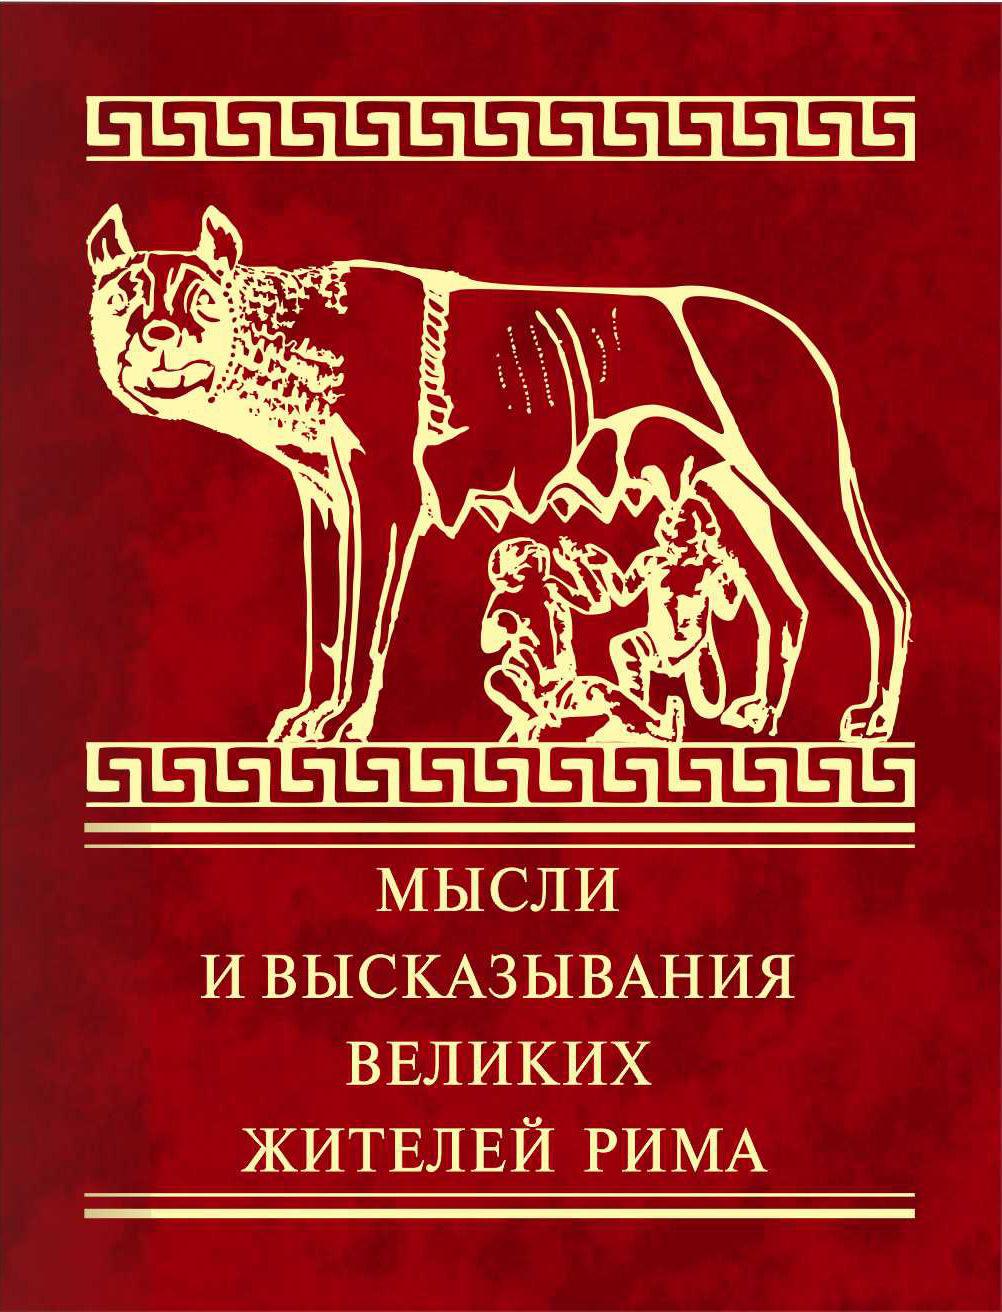 Владимир Дмитренко - Мысли и высказывания великих жителей Рима